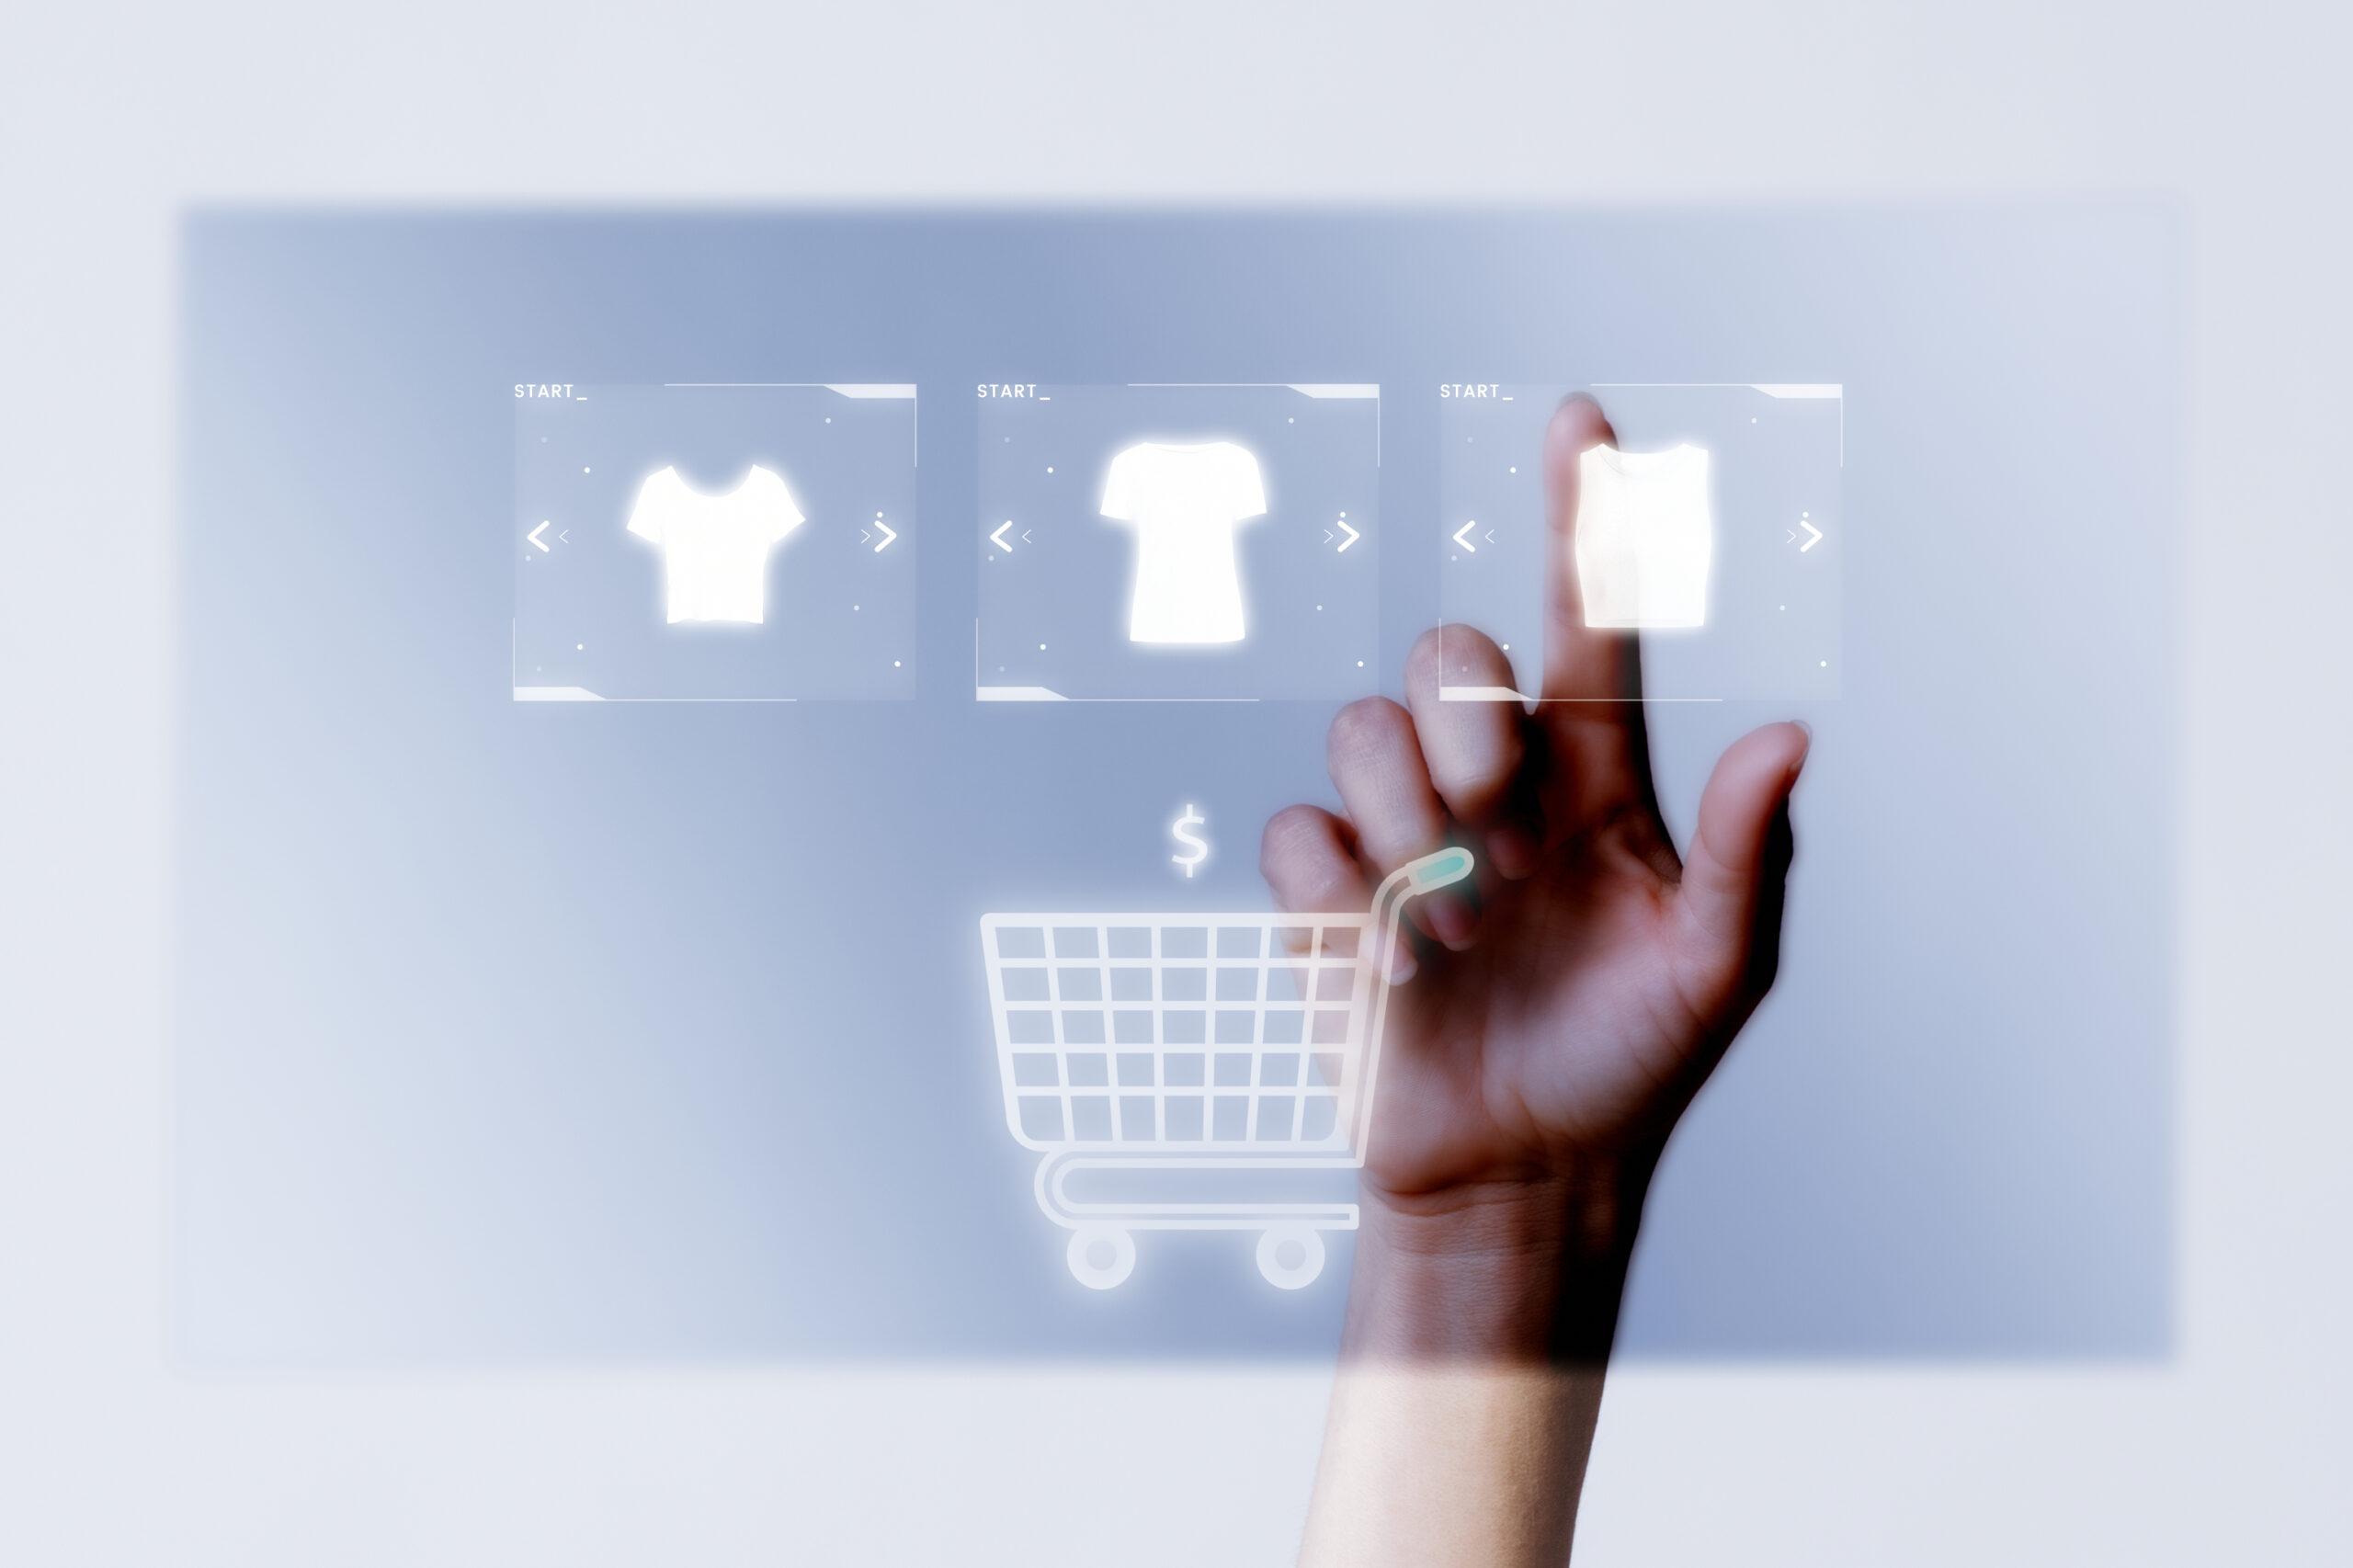 Vender por Internet, nunca antes había sido tan fácil con Shopify